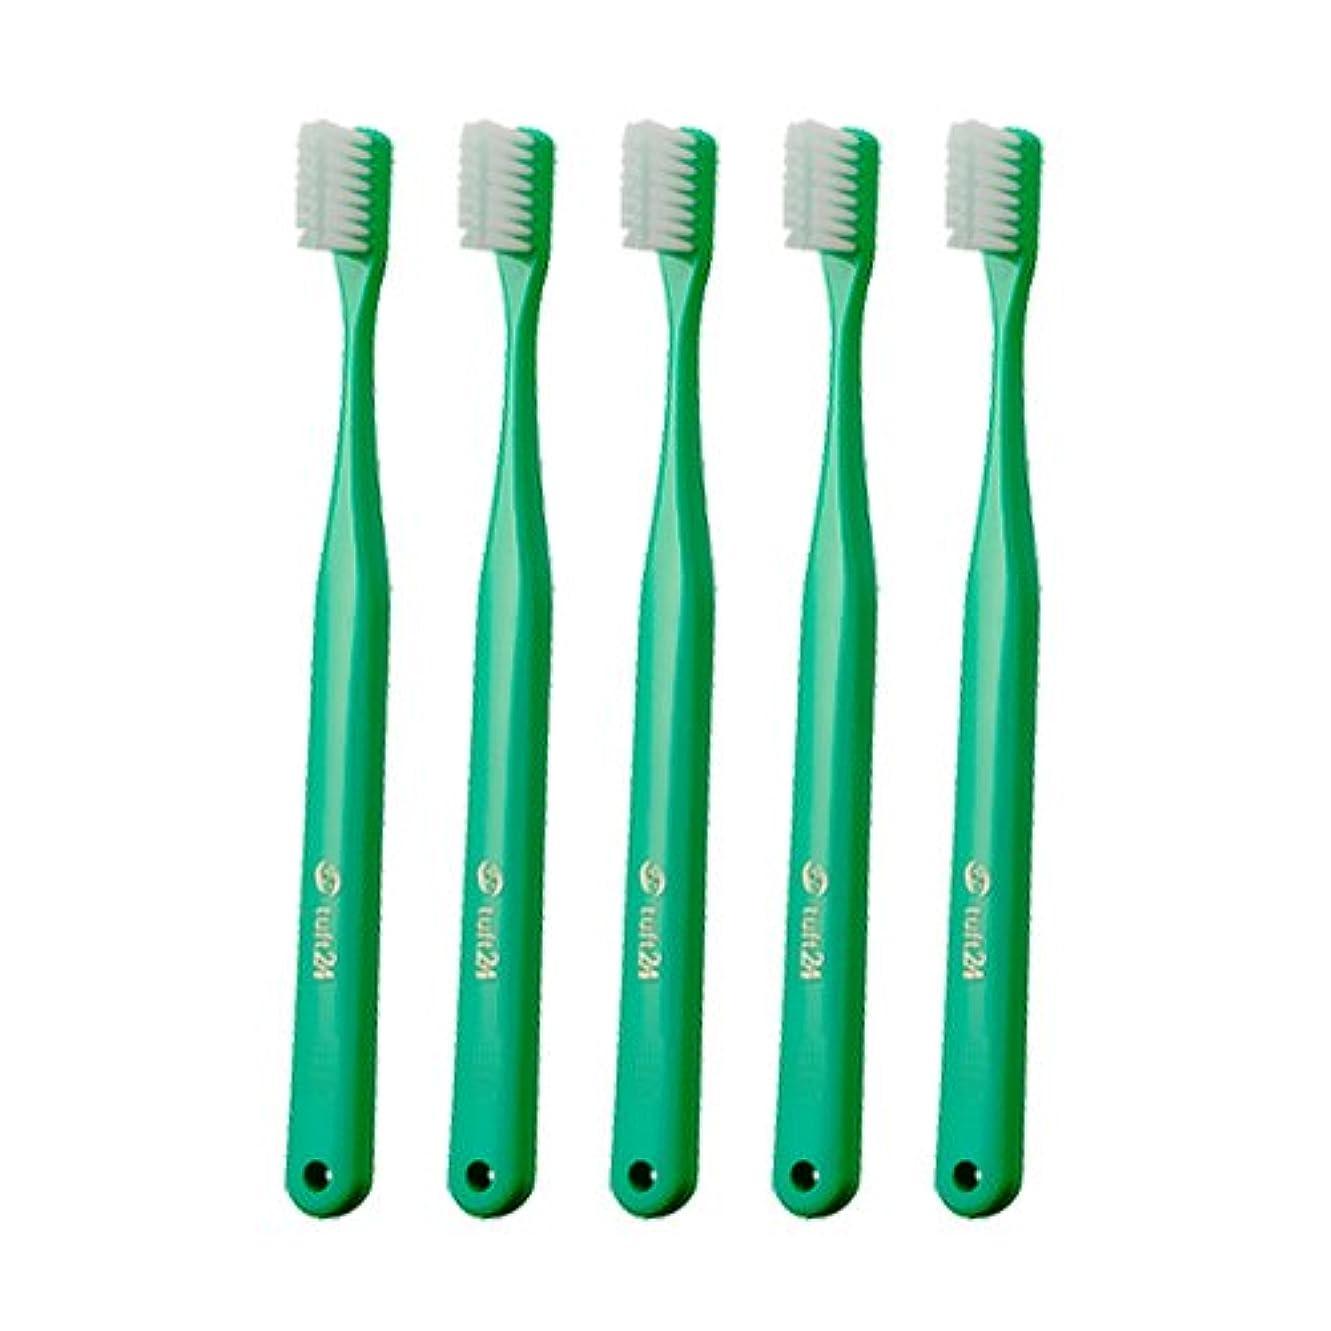 ガム年アンケートオーラルケア タフト24 歯ブラシ MSキャップなし 25本入 グリーン